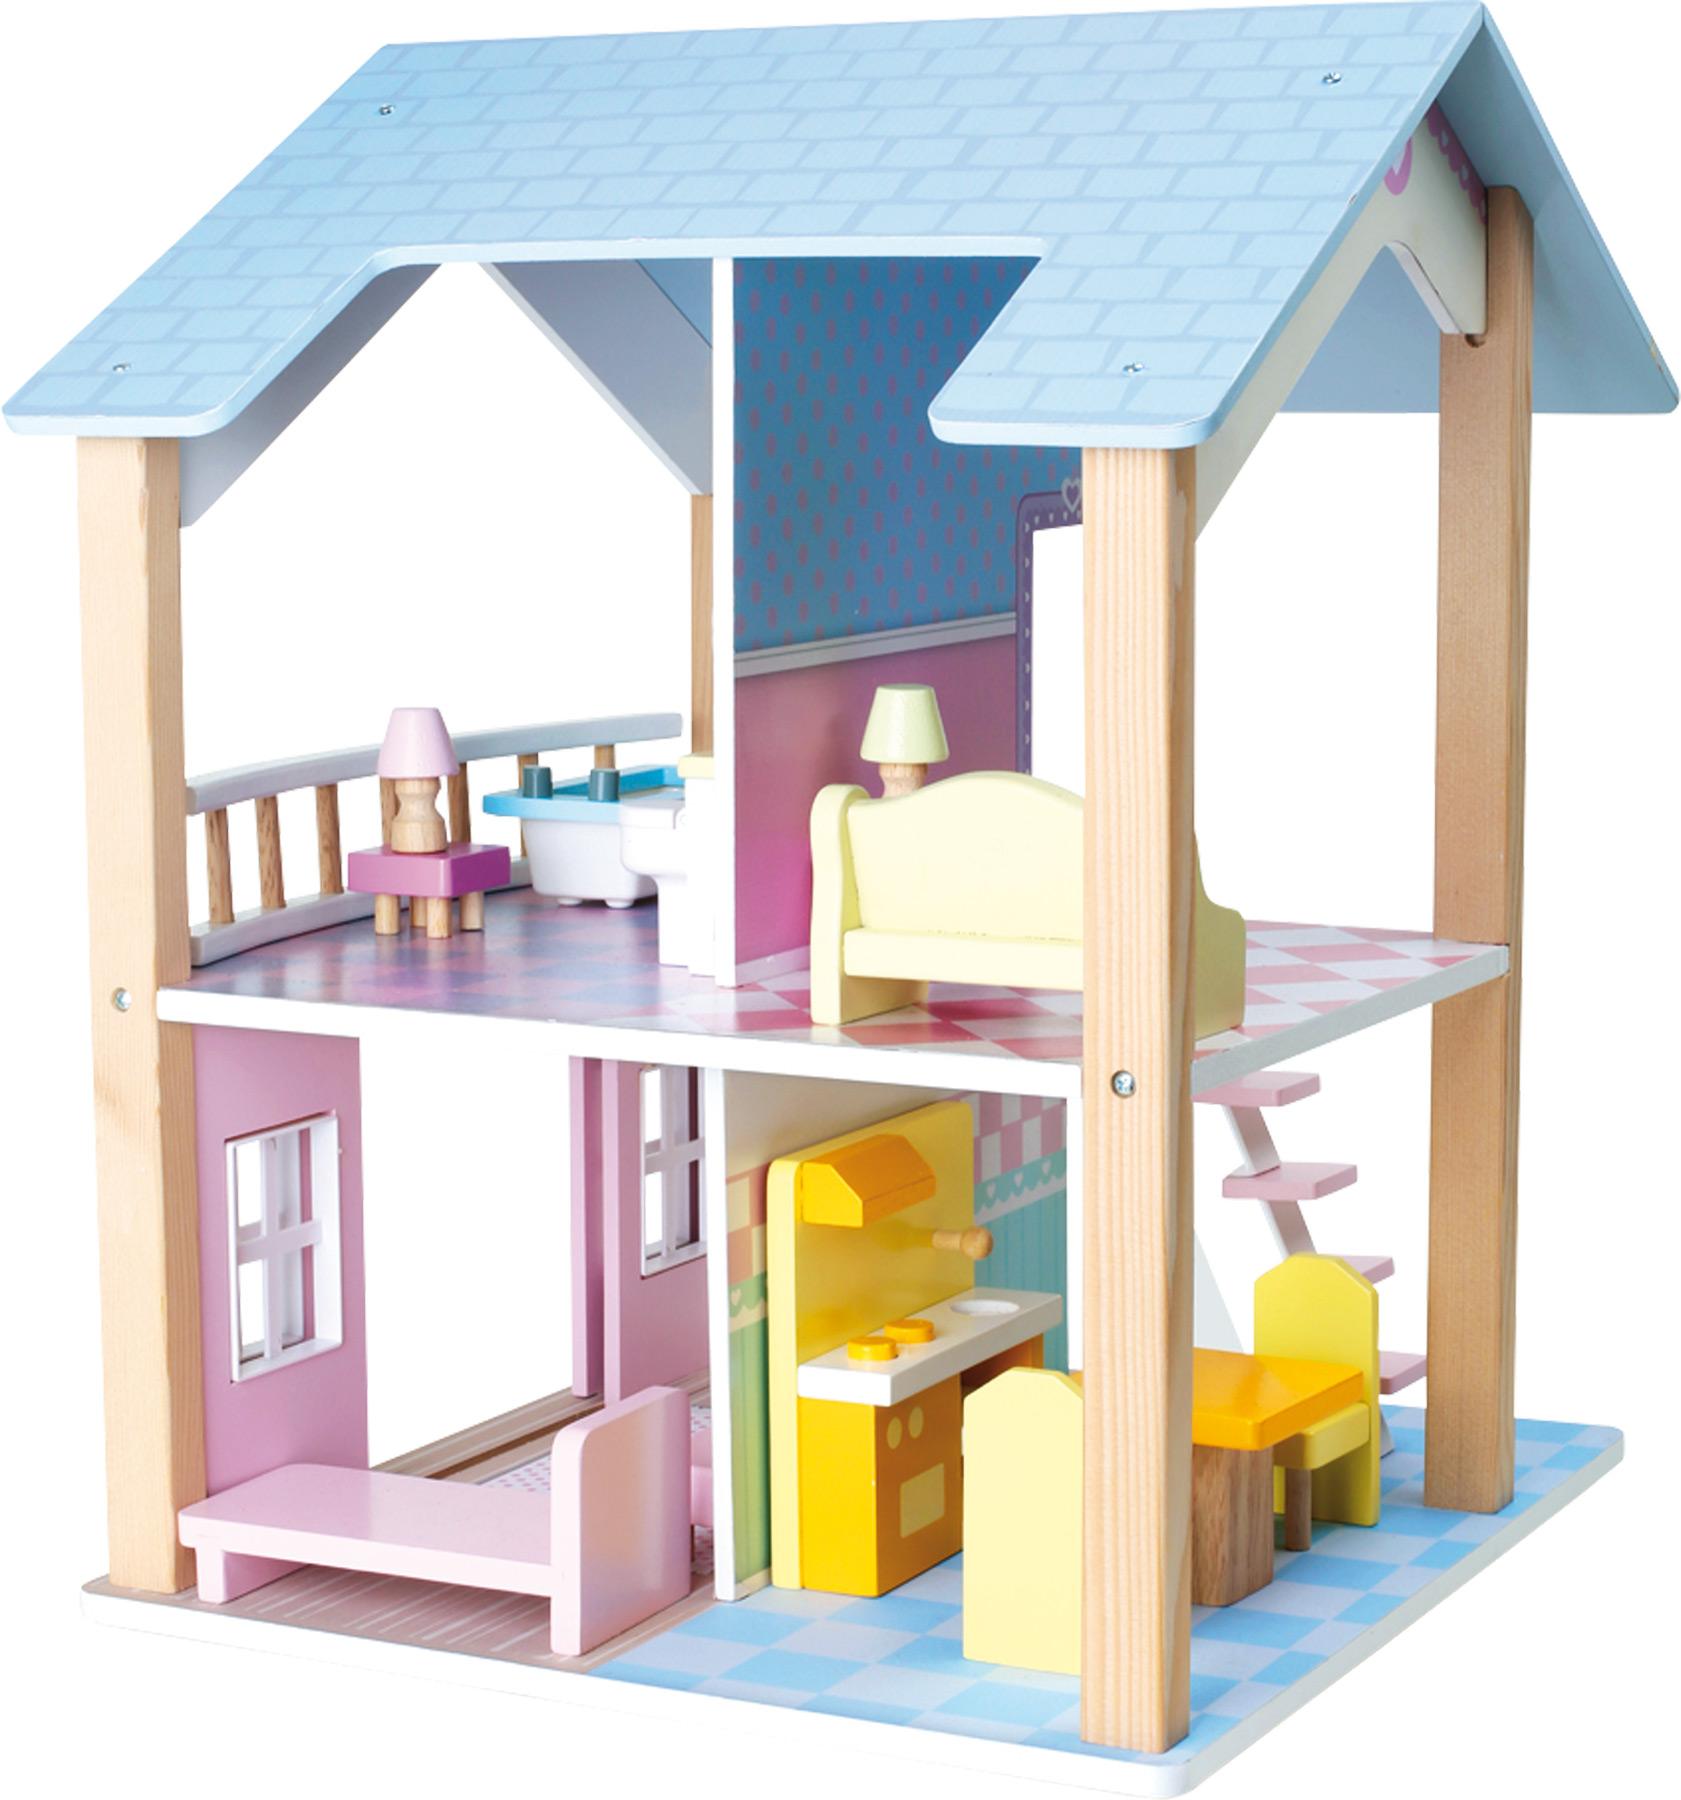 Casa delle bambole tetto blu due piani girevole for Piani casa com